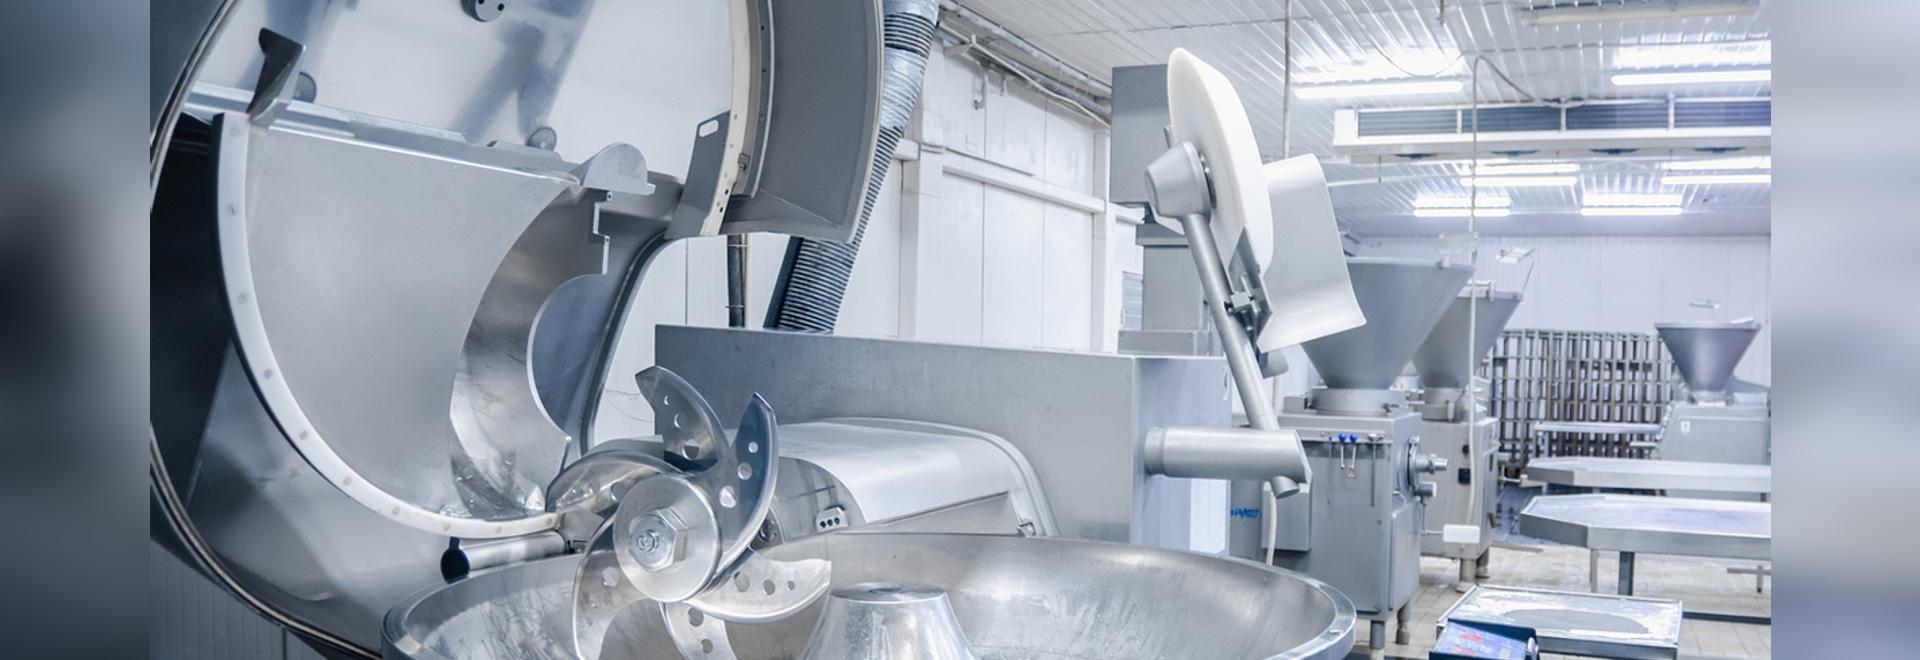 Données : Le mois de mai montre la première augmentation du nombre de projets de fabrication de denrées alimentaires prévus pour l'année